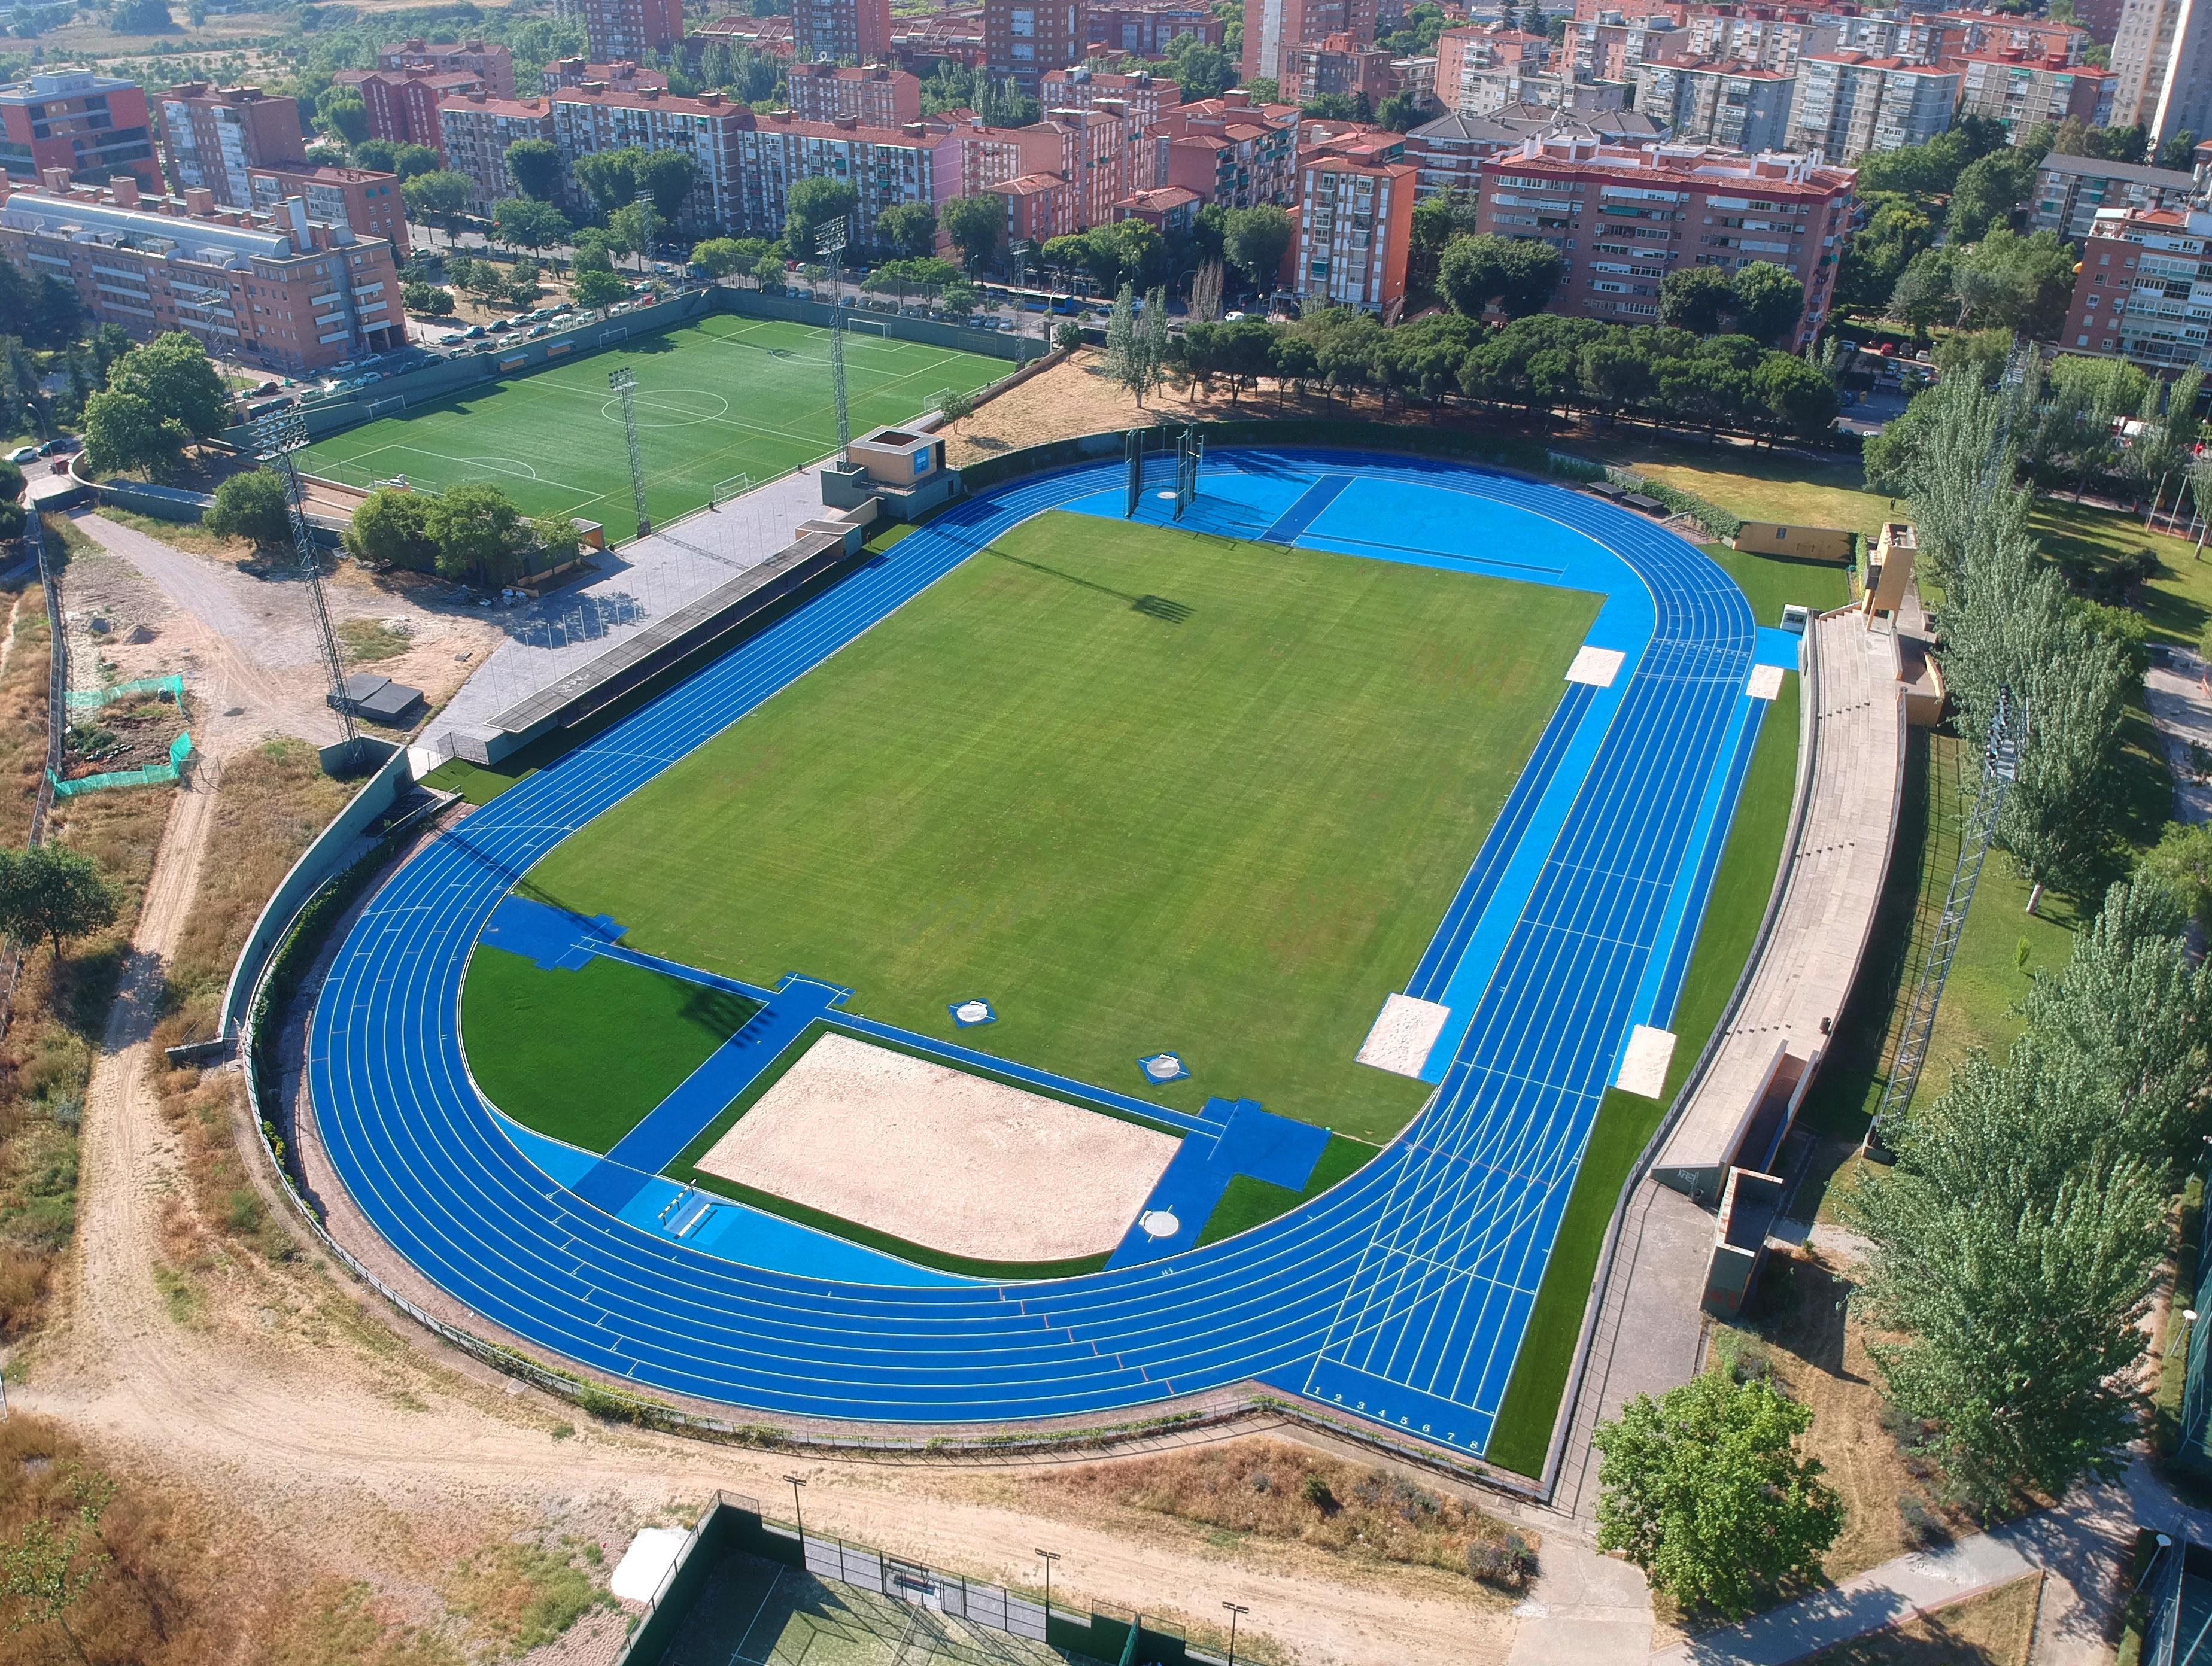 Pista de Atletismo y Campo de Césped Natural en el C.D.M. de Aluche, Madrid Image